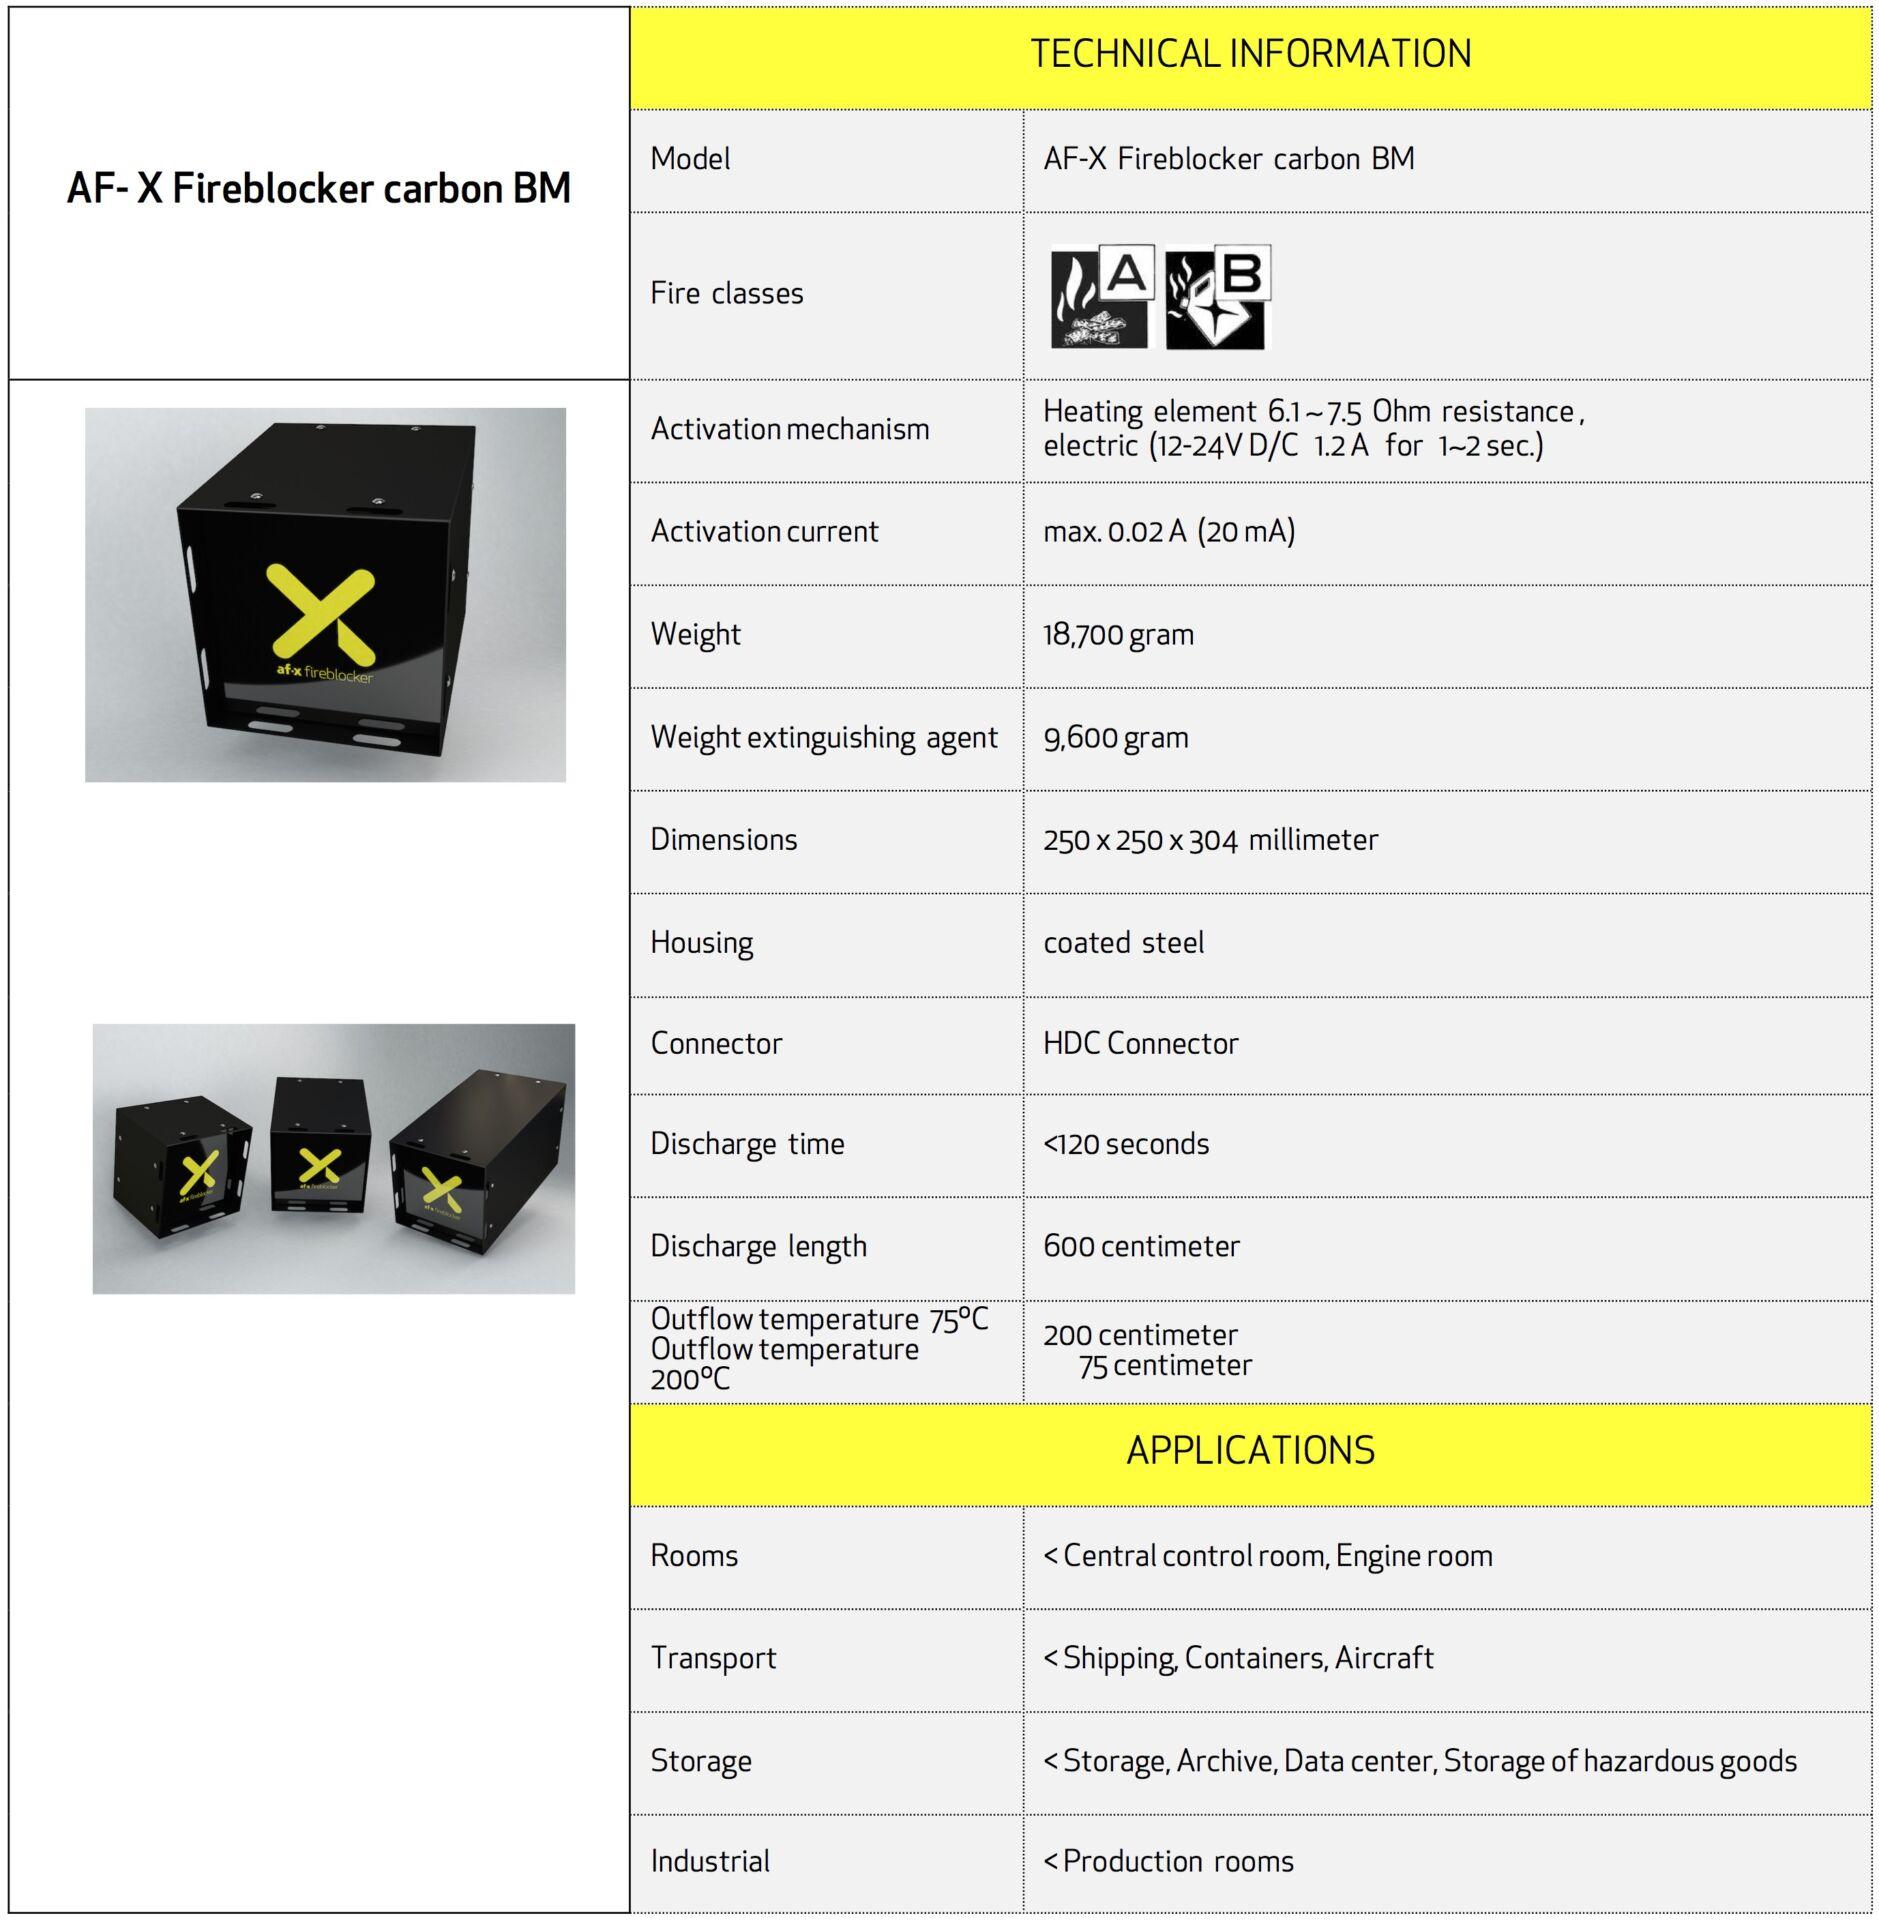 AF-X Fireblocker carbon BM UK